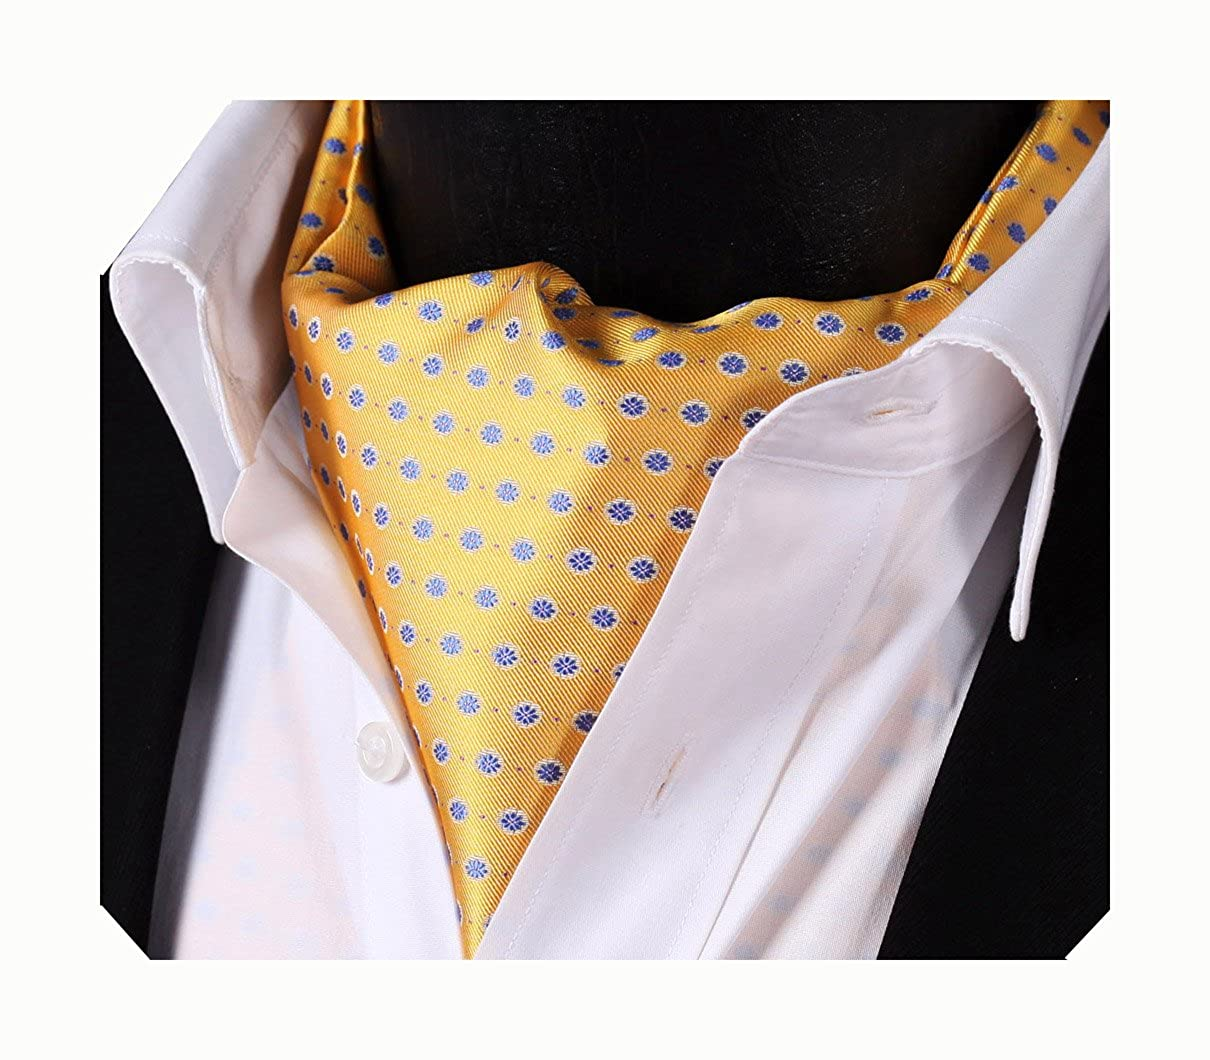 282c2c56b6a6 Amazon.com: Enmain Men's Ascot Dot Pattern Jacquard Woven Gift Cravat Tie  Yellow: Home & Kitchen